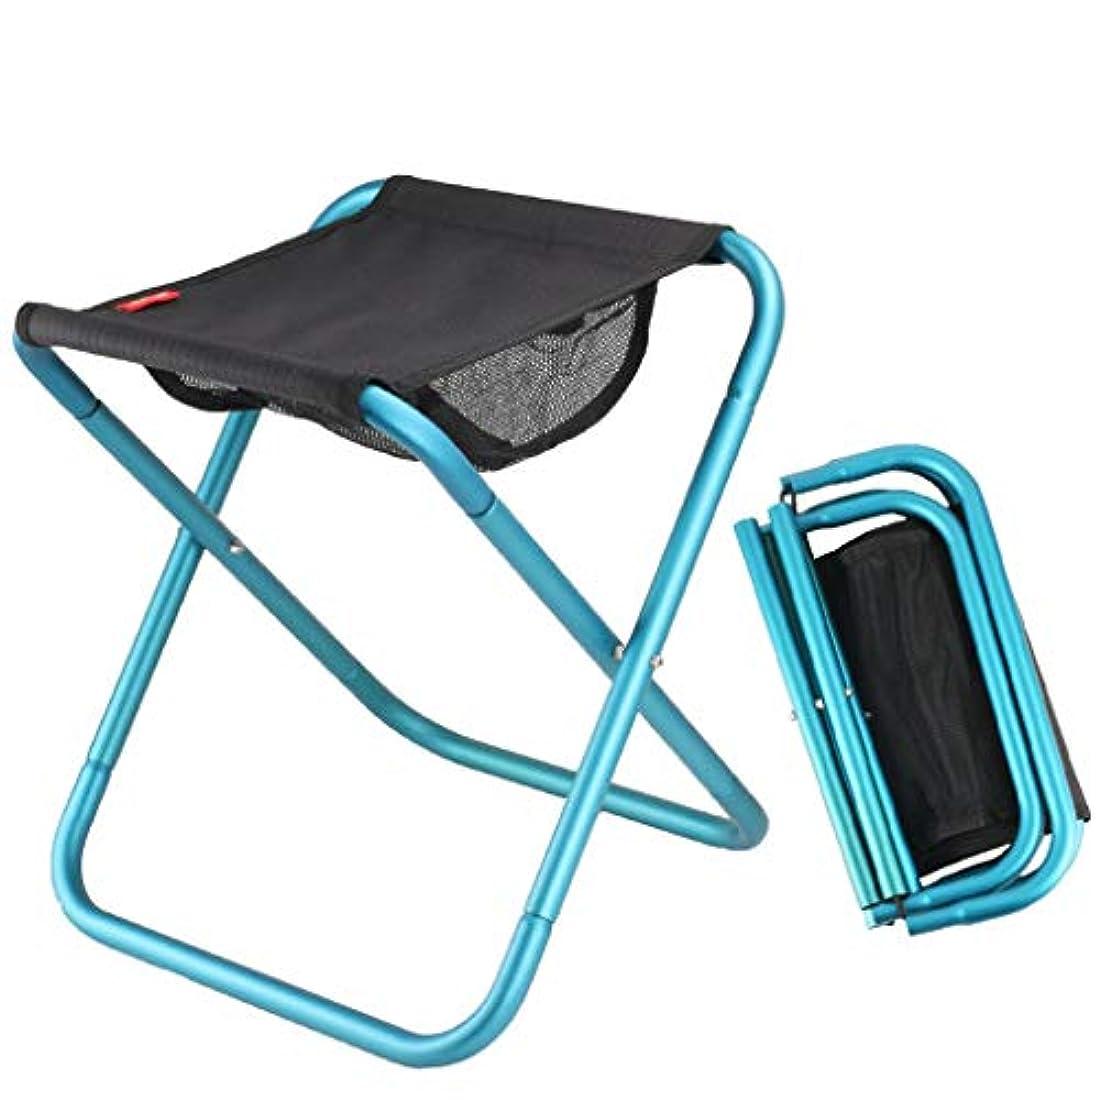 やさしい駐地救援L- 携帯用キャンプチェアアームレス軽量折りたたみチェアキャリーバッグ付きアウトドア、バーベキュー、ハイキング、ピクニック、釣り、フェスティバルサポート330ポンド ポータブルで丈夫